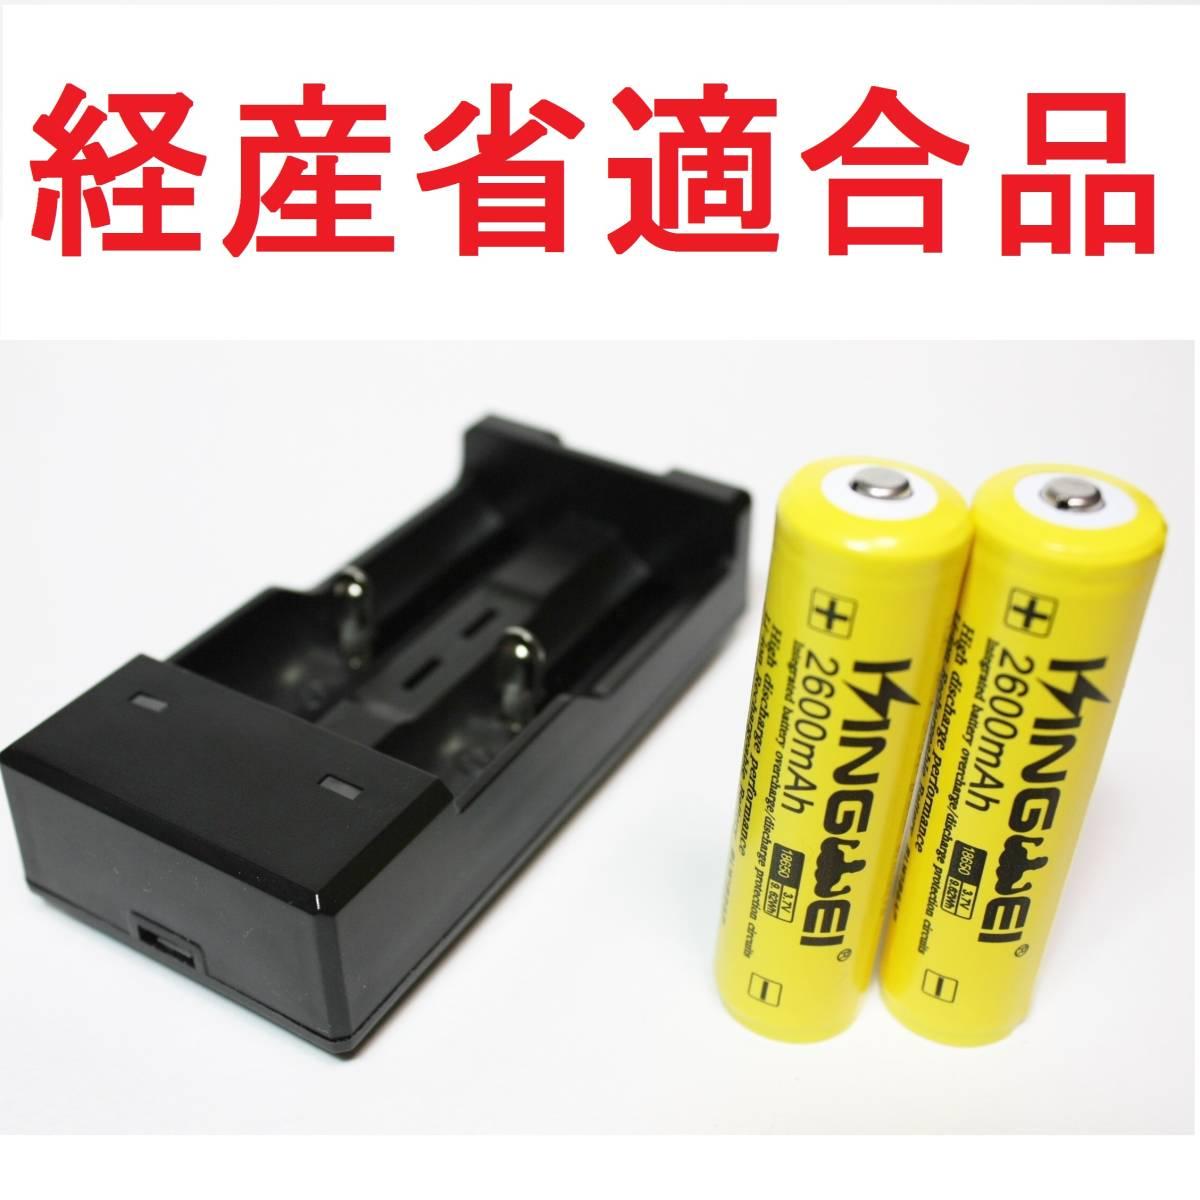 正規容量 18650 経済産業省適合品 リチウムイオン 充電池 2本 + 急速充電器 バッテリー 懐中電灯 ヘッドライト01_画像1